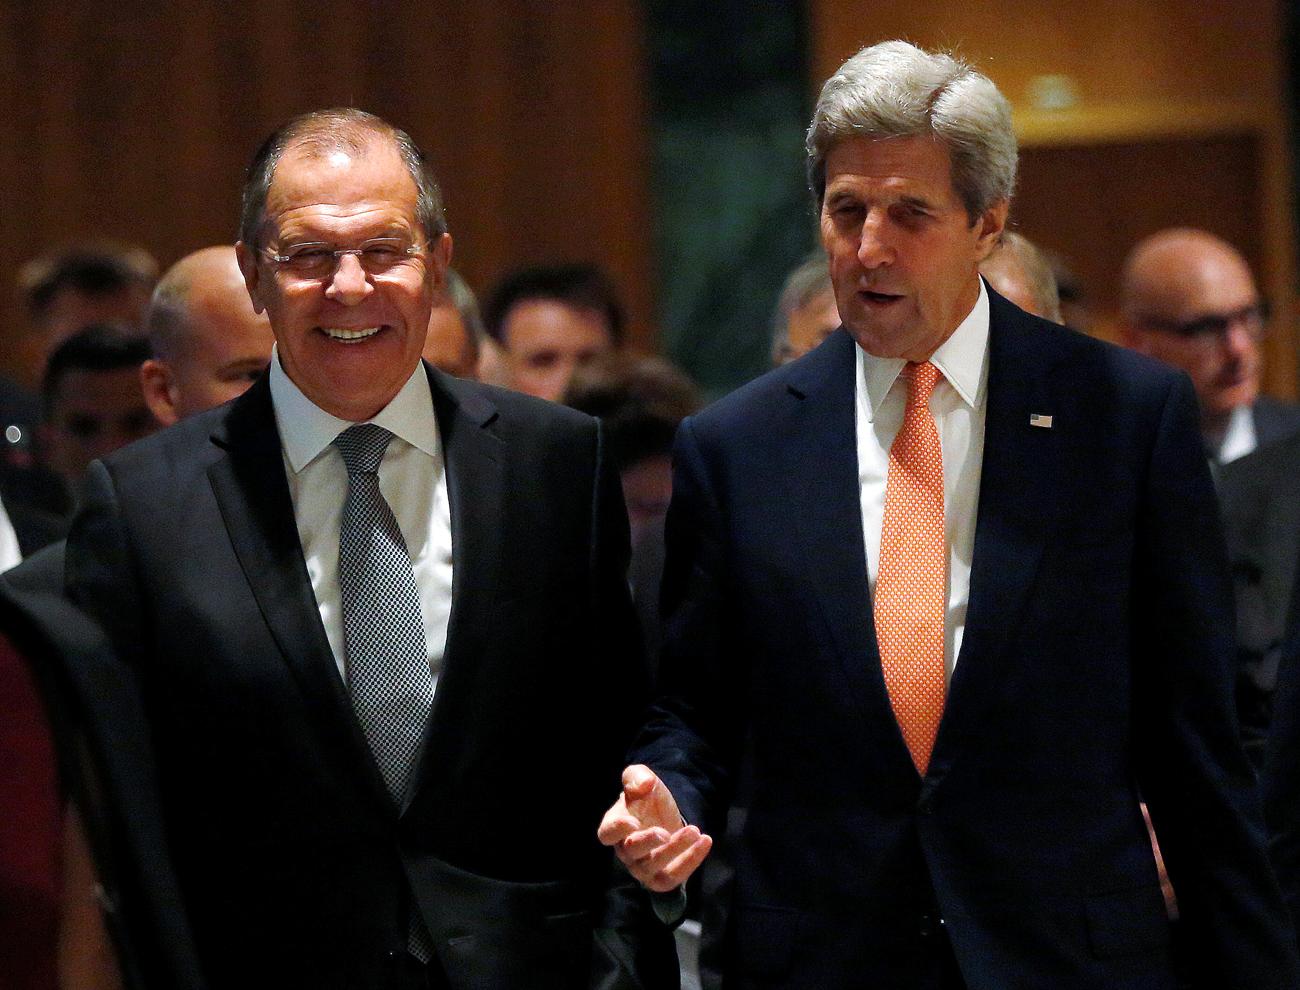 Da sinistra, il ministro russo degli Esteri Sergej Lavrov e il segretario di Stato americano John Kerry.